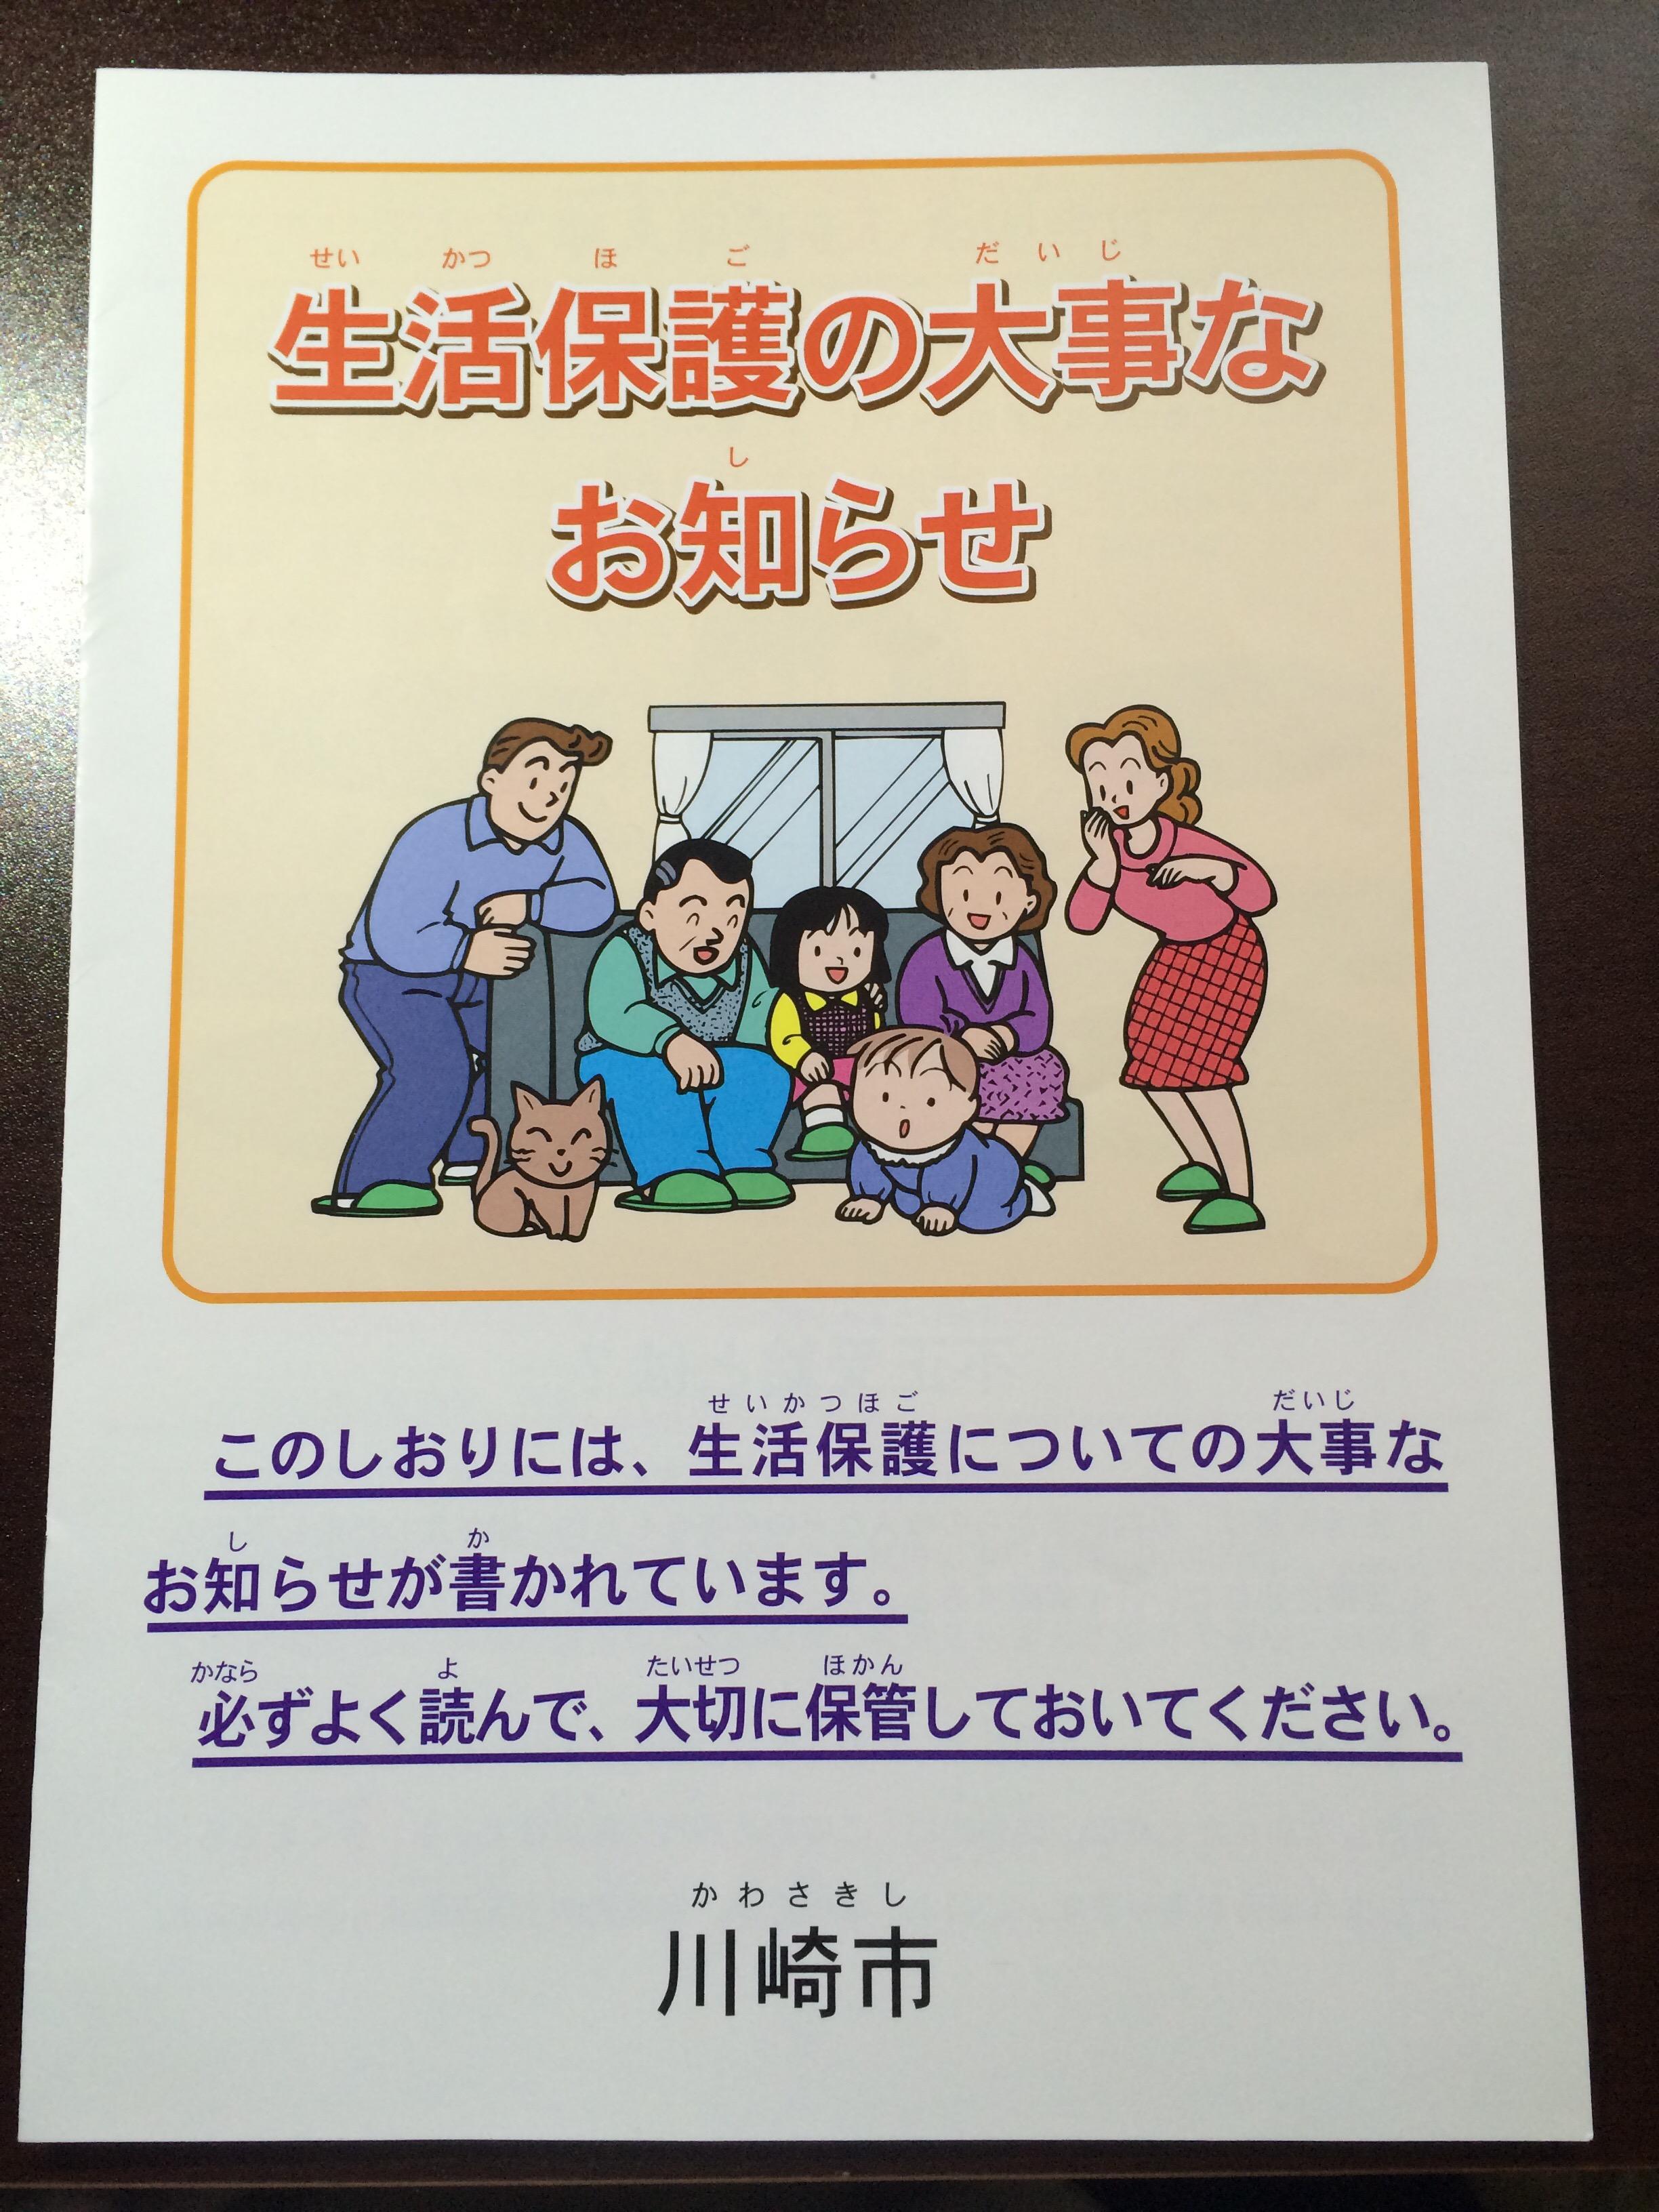 public-assistance